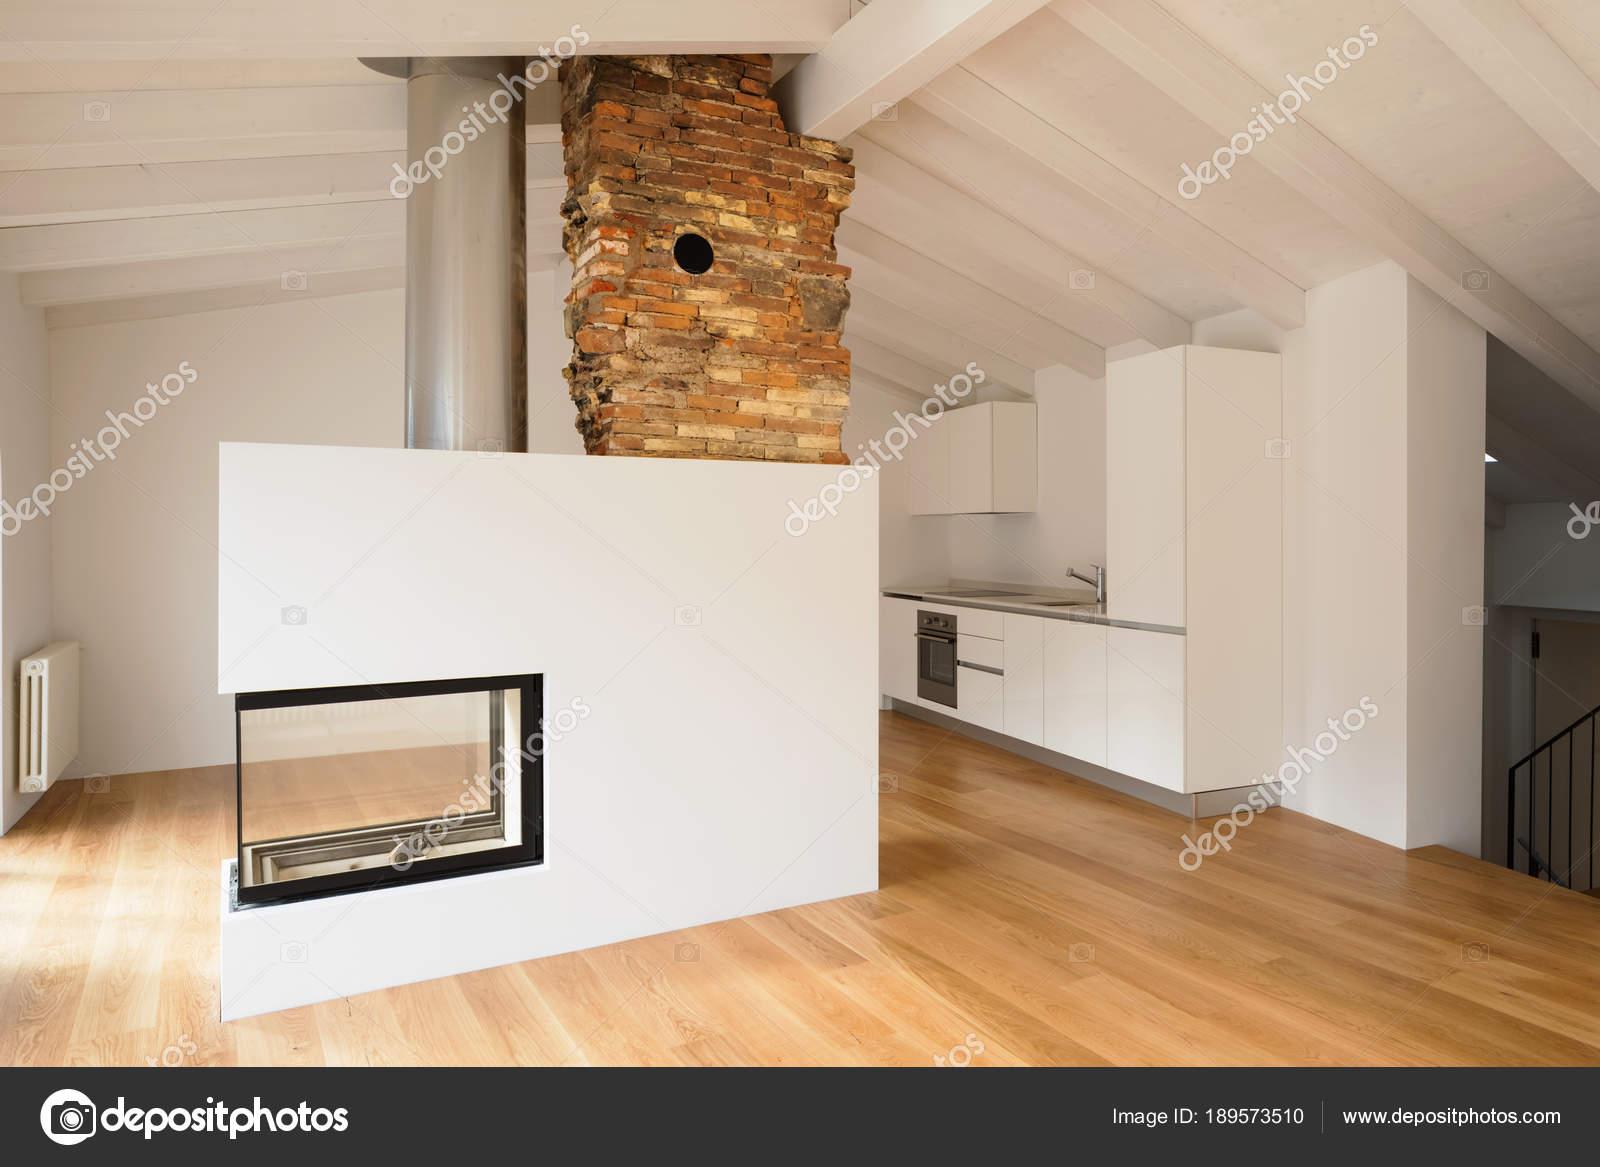 Moderne woonkamer met open haard in het midden u stockfoto